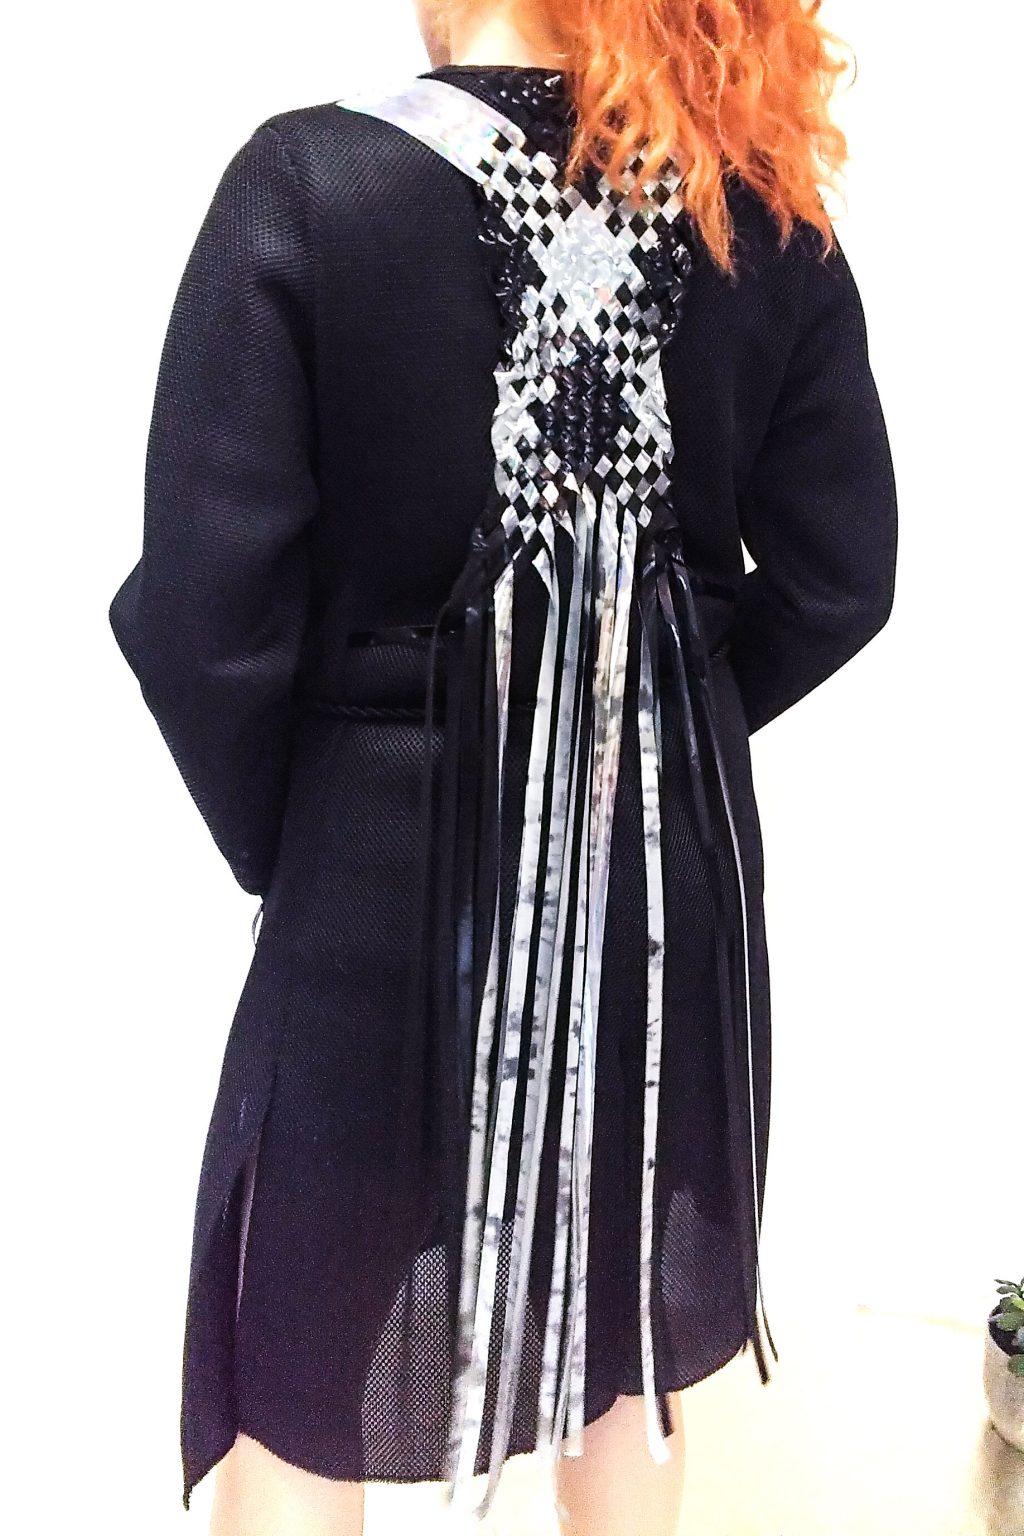 Weave-coat-4-1024×1536